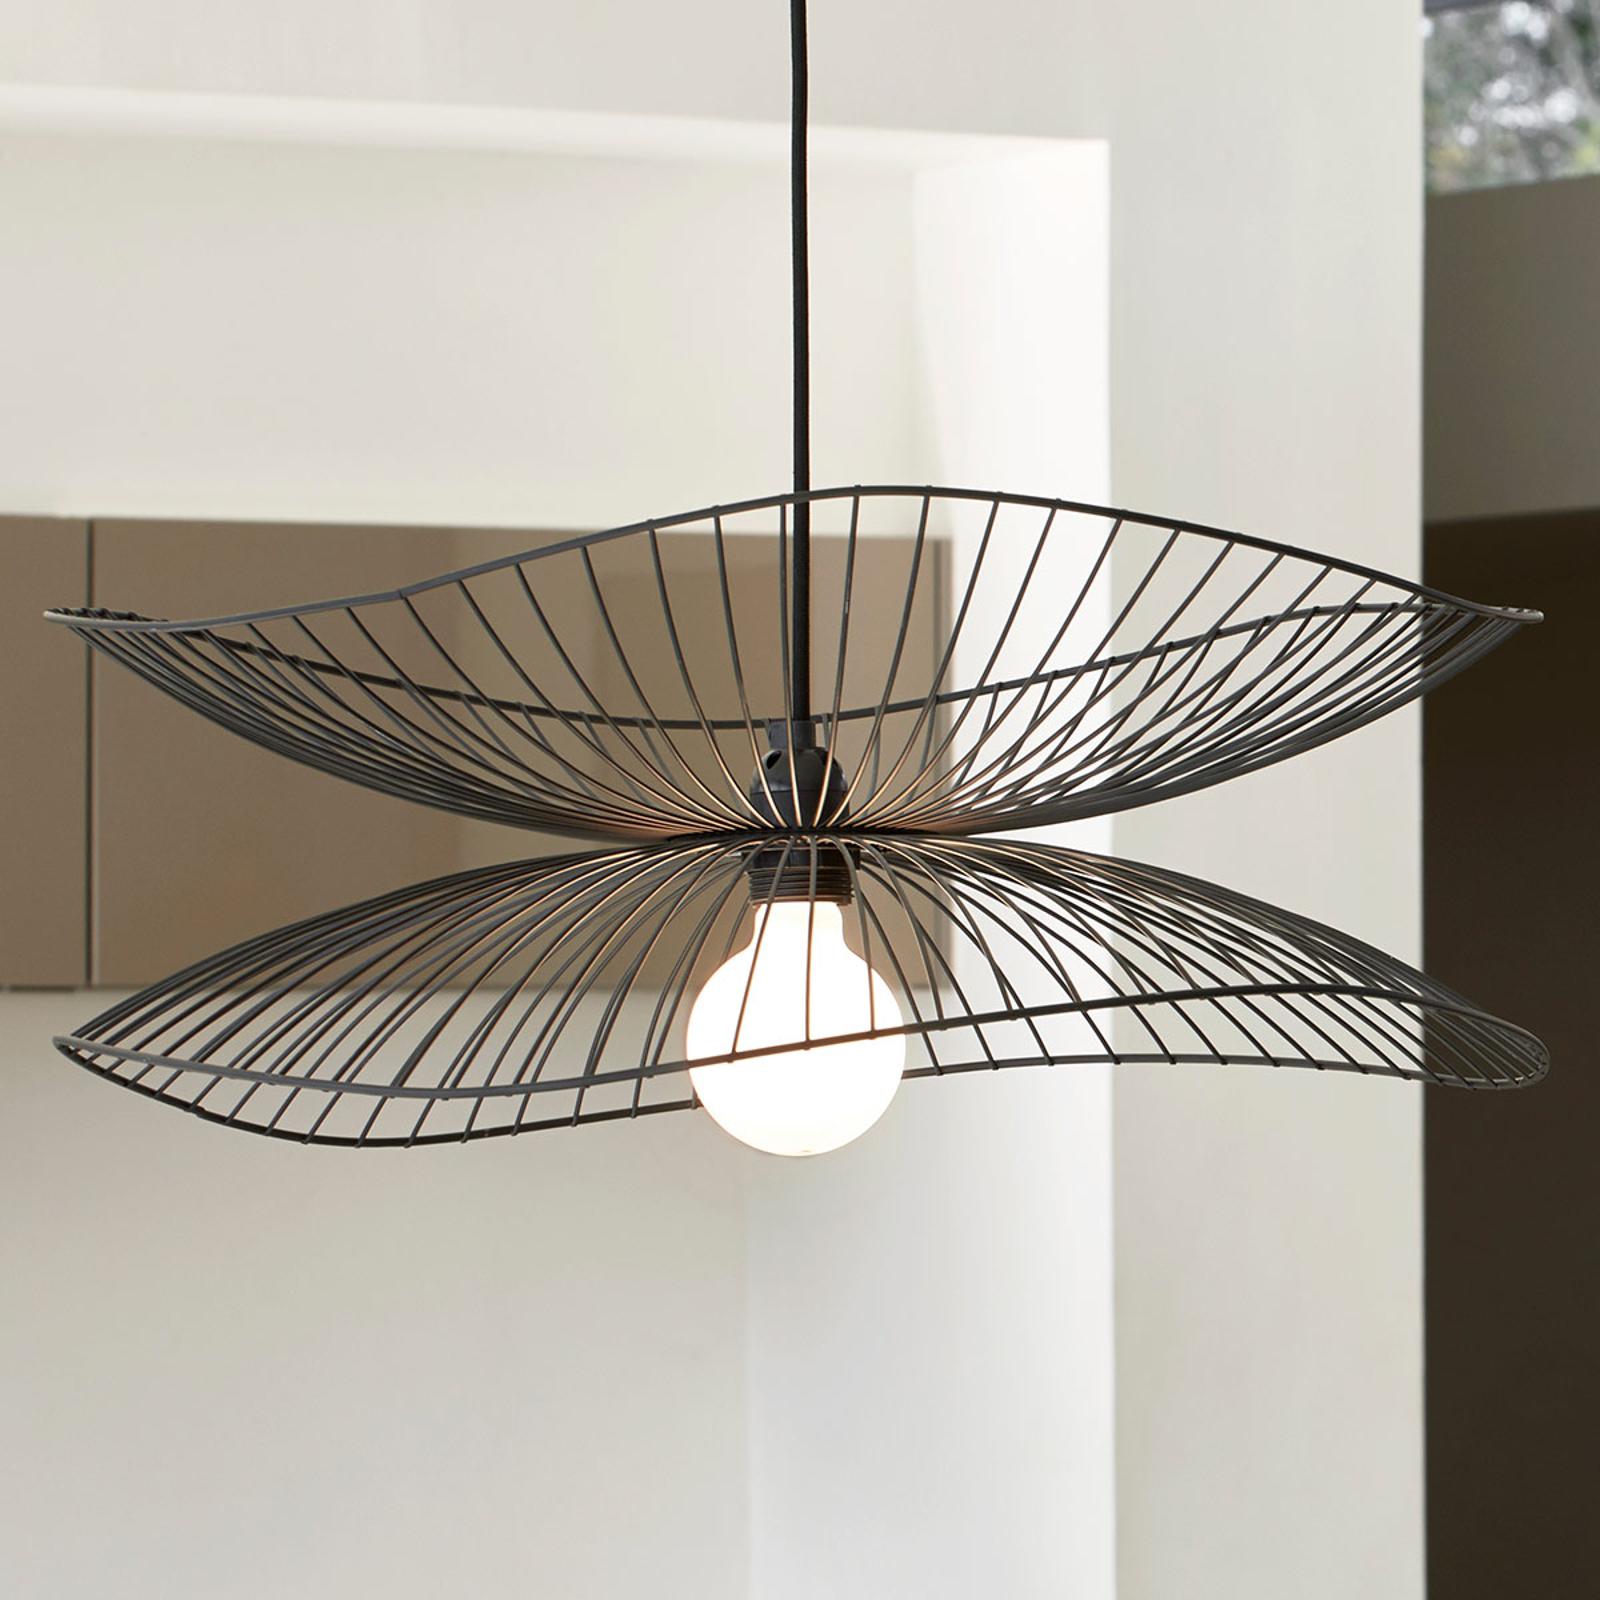 Forestier Libellule S lampa wisząca, 56 cm, czarna